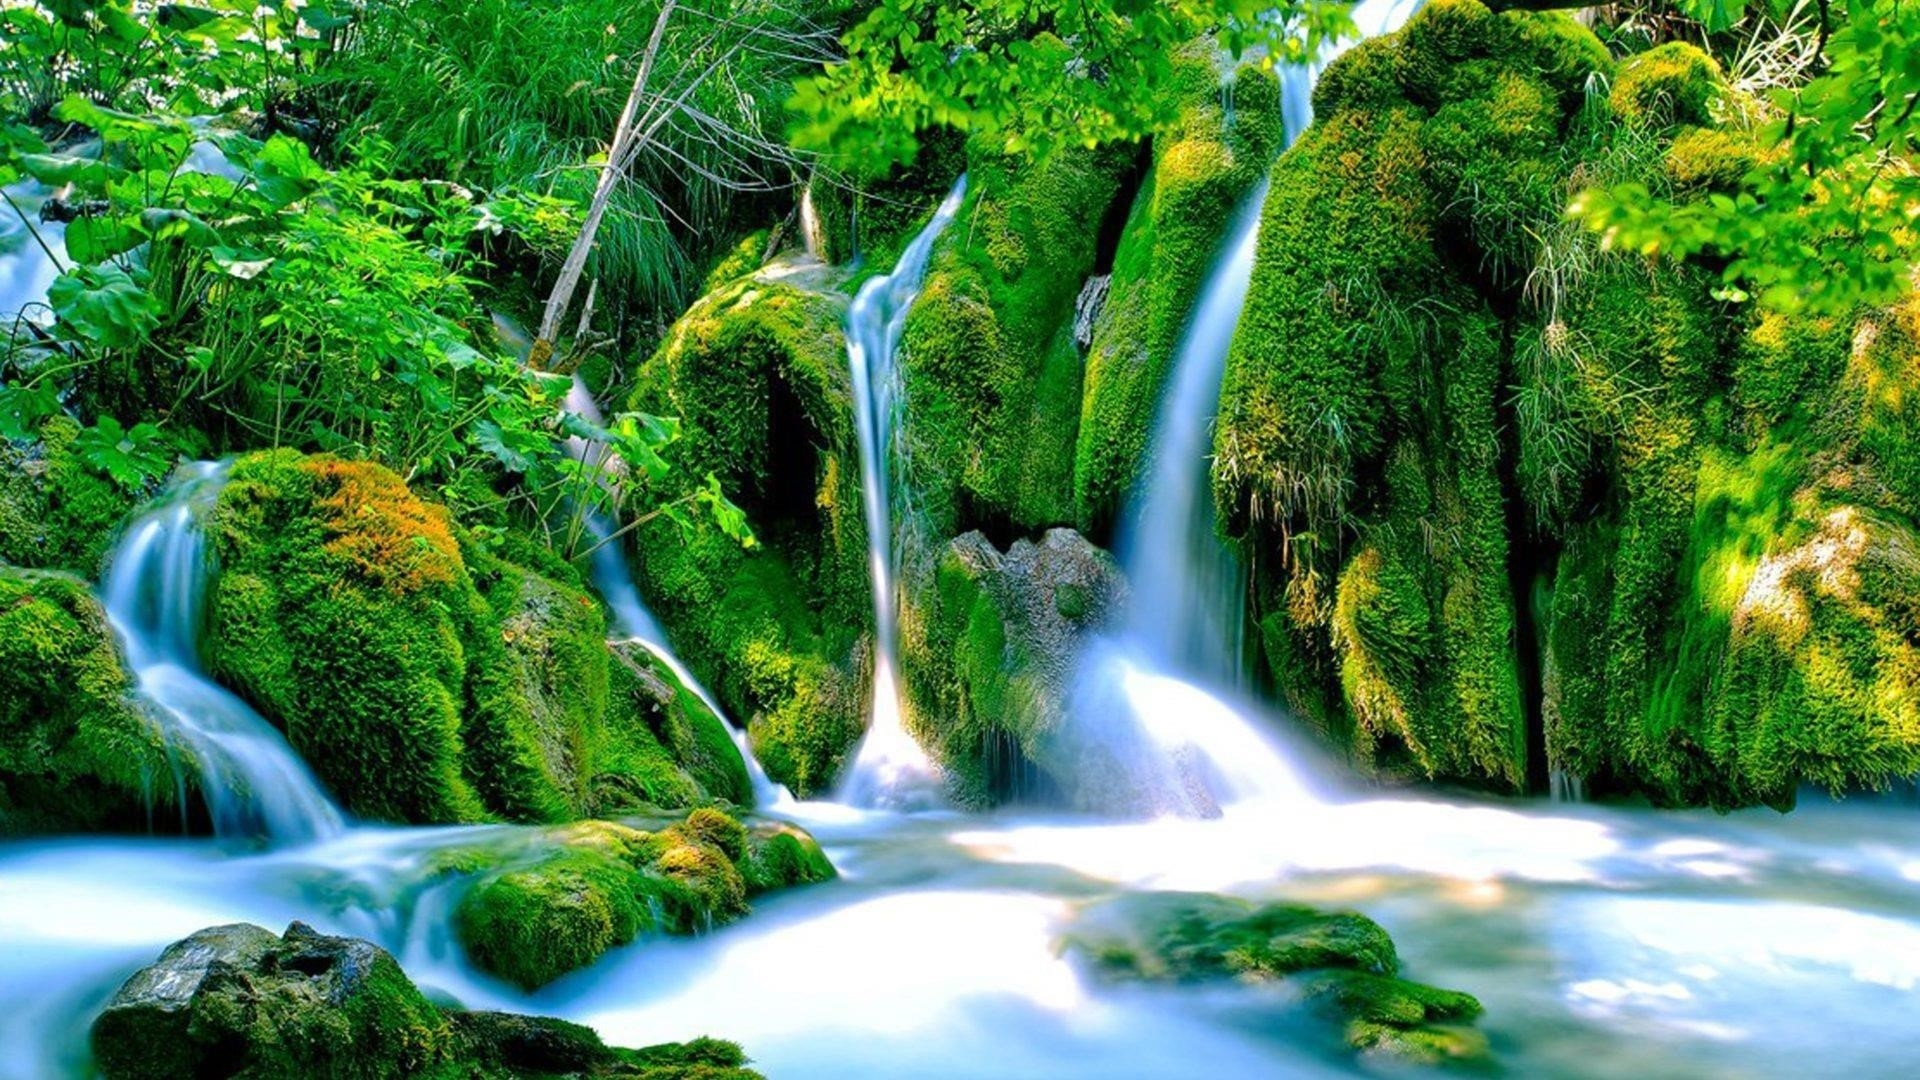 Водопады струятся между покрытыми водорослями скалами зеленые деревья кусты растения падают обои скачать